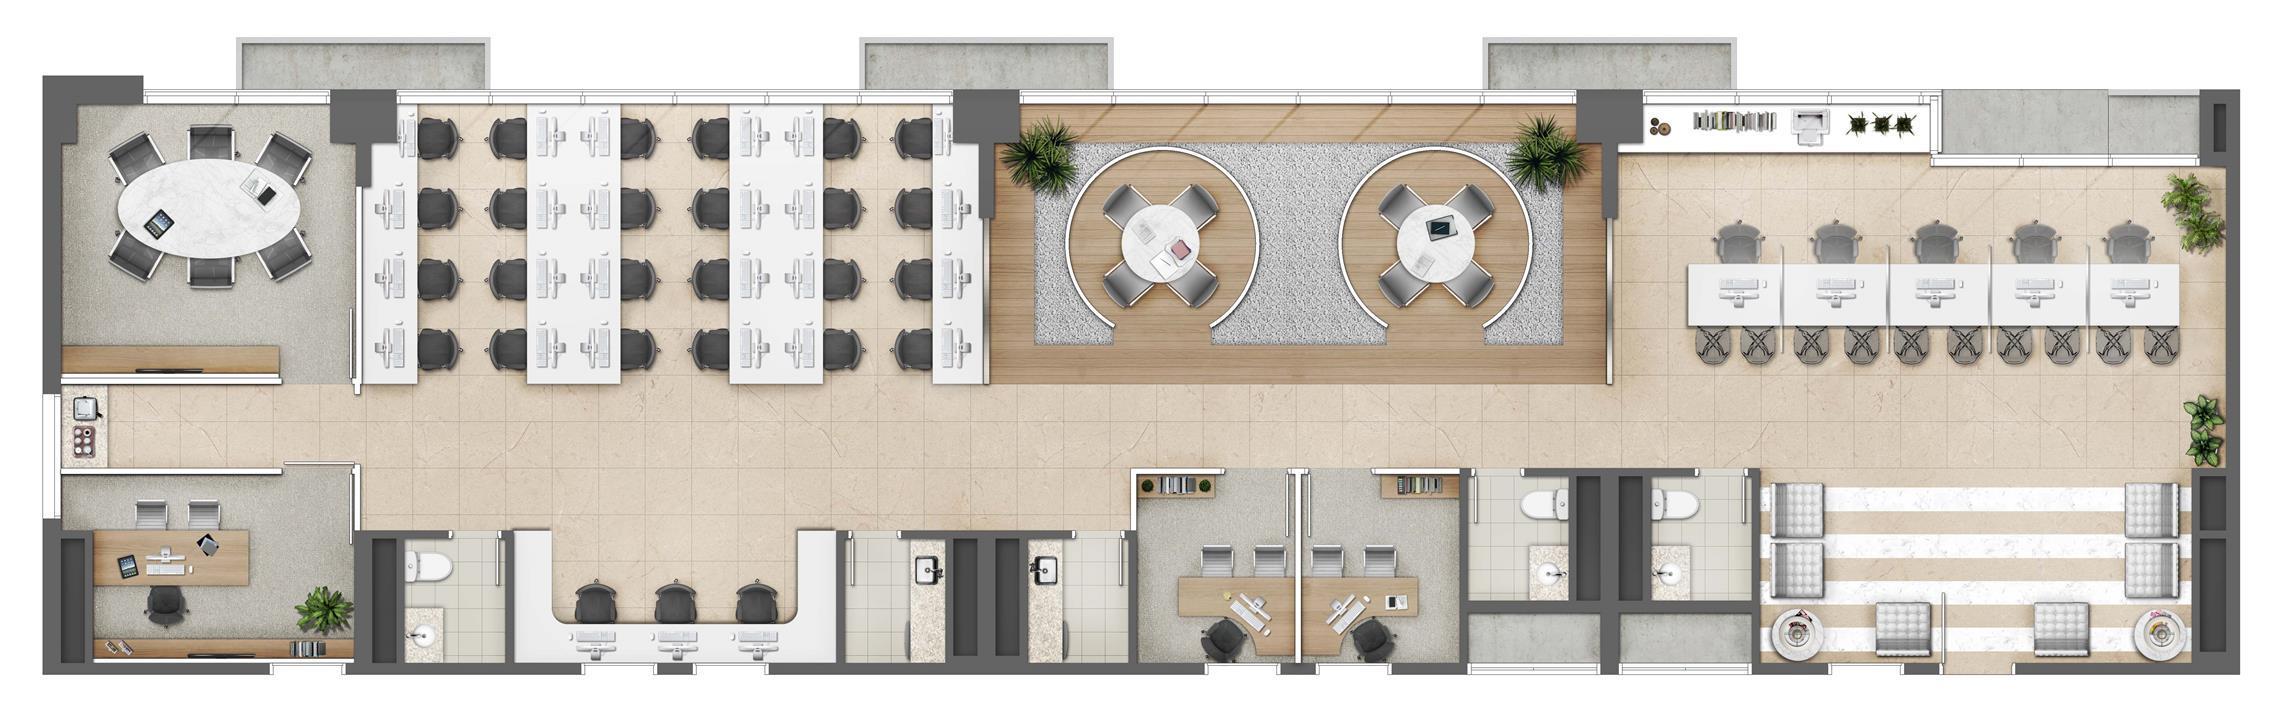 Plano de Saúde (Junção) - Área 185m² - Torre Norte Office | MEDPLEX - Torre Norte – Salas Comerciaisno  Centro do Eixo Hospitalar  - Porto Alegre - Rio Grande do Sul